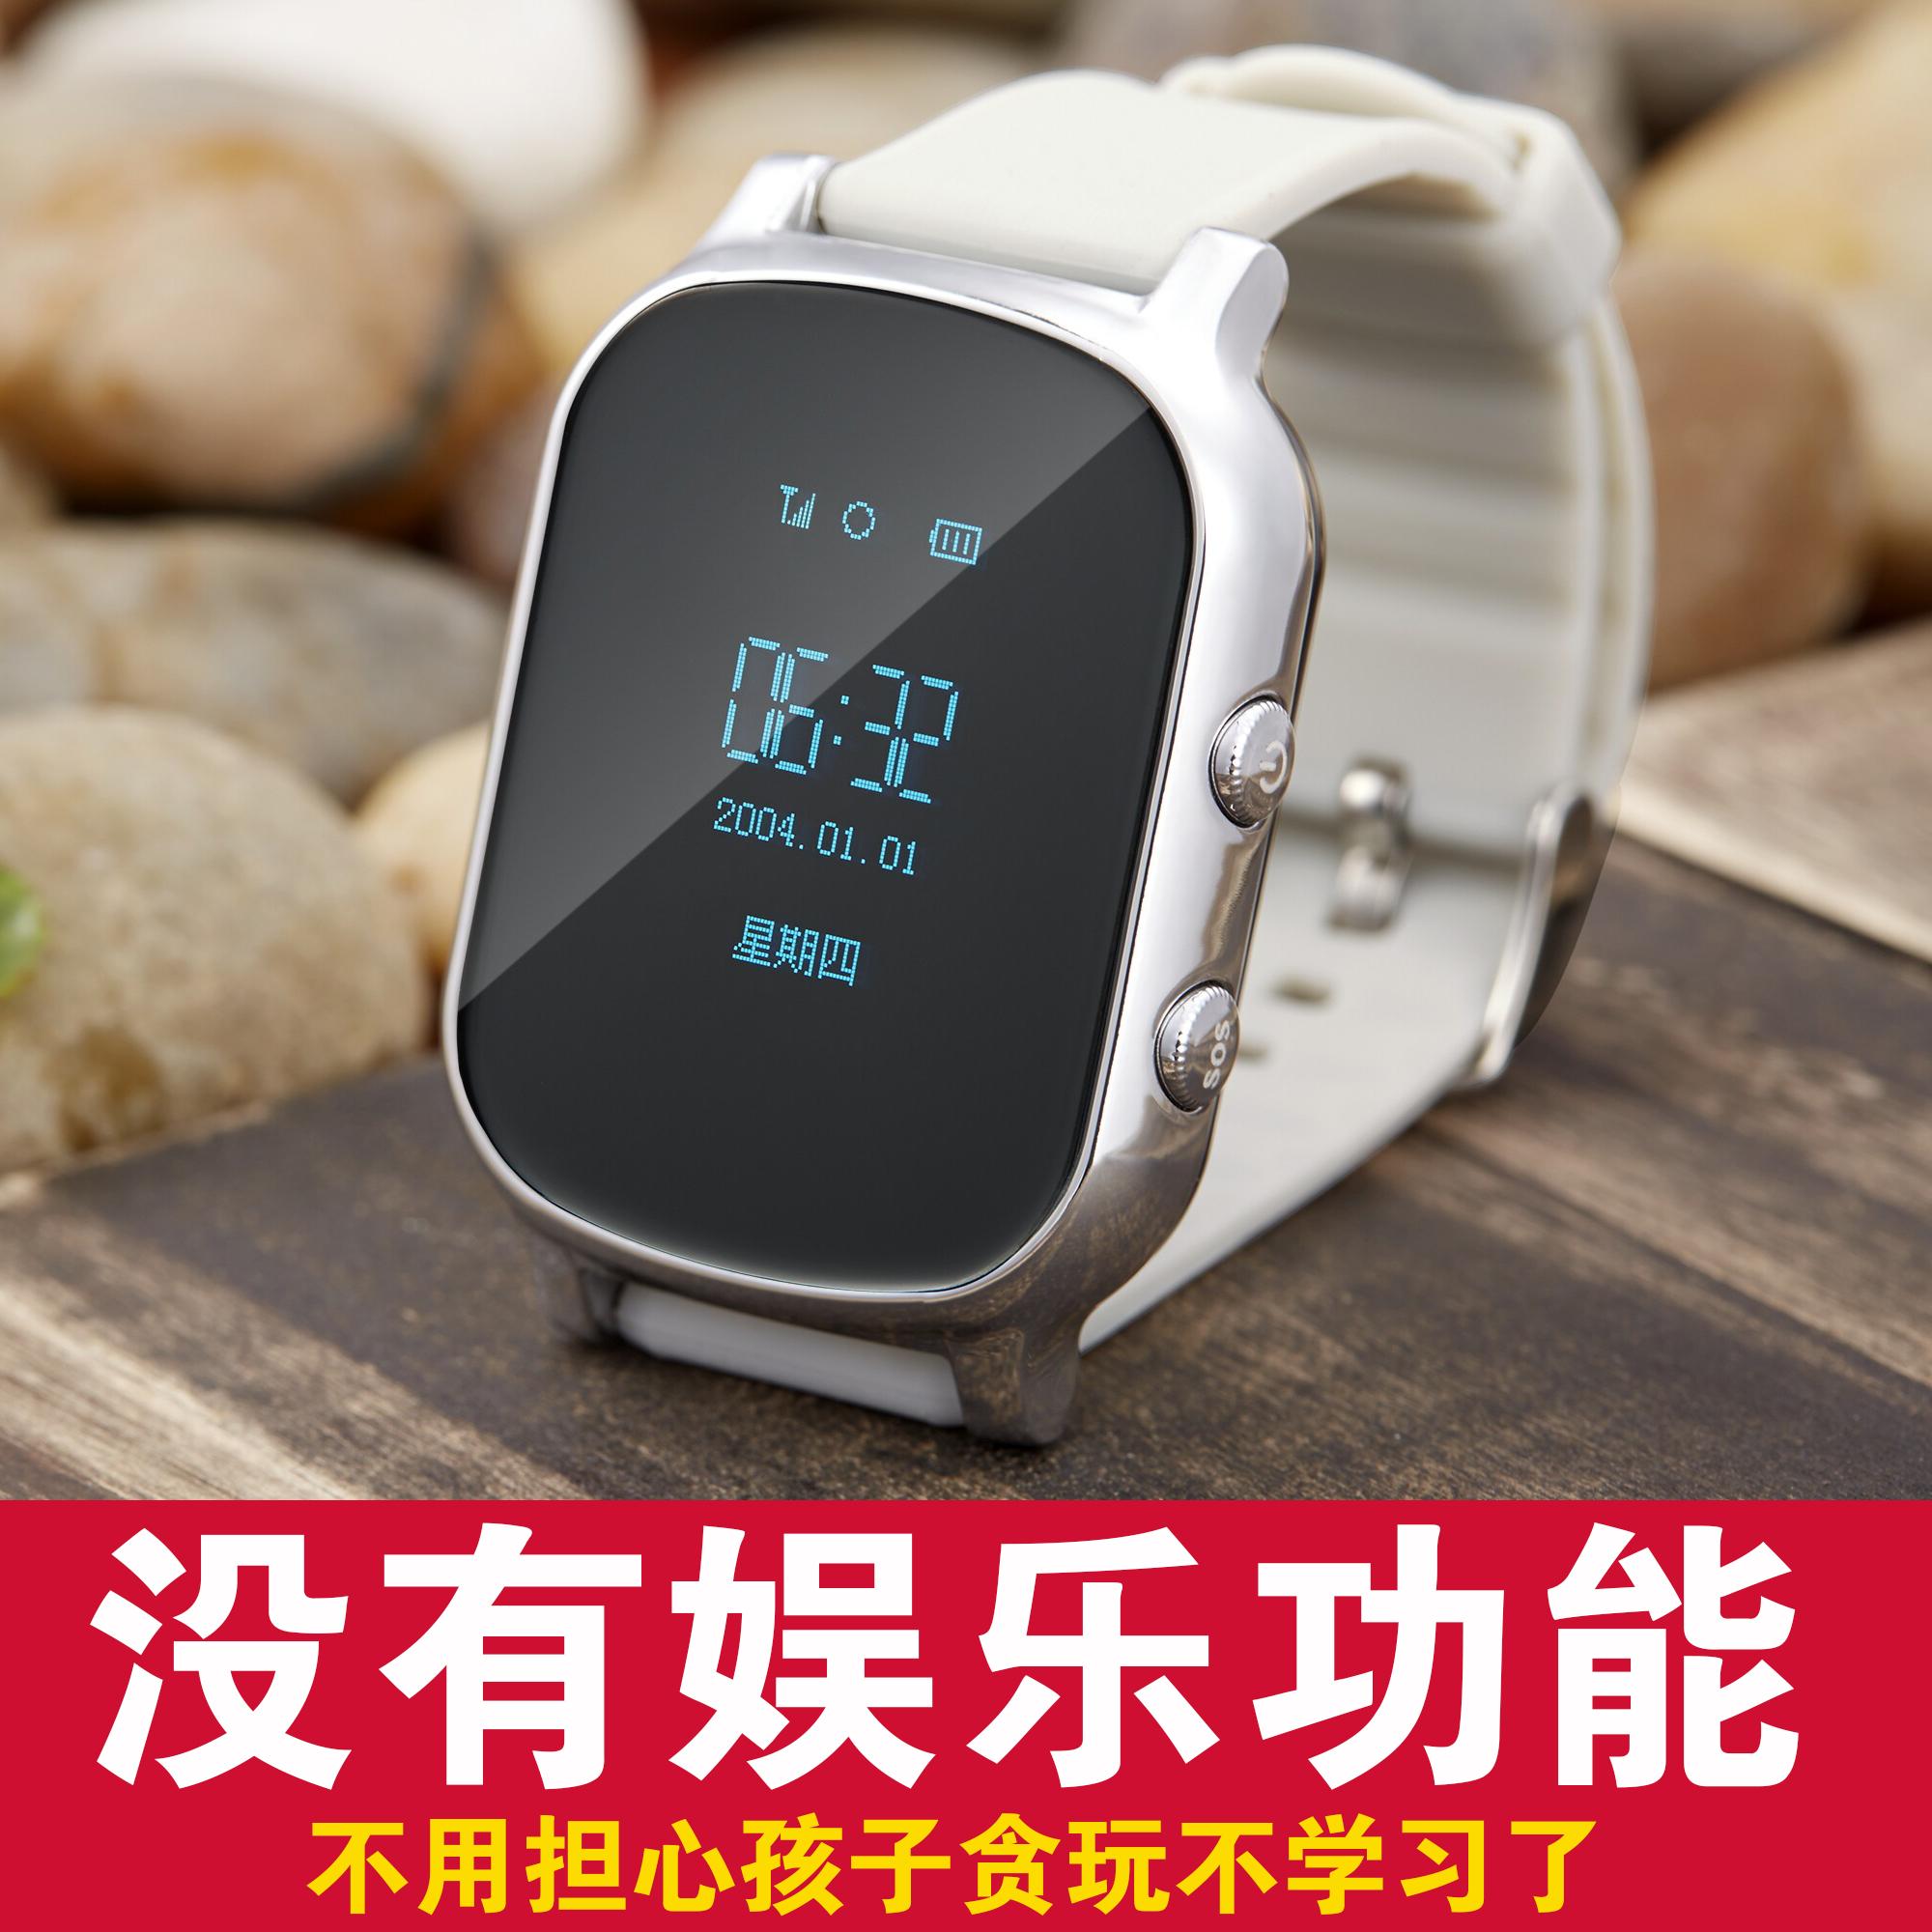 儿童GPS定位电话手表 智能手表初中学生青少年男女孩腕表上课禁用